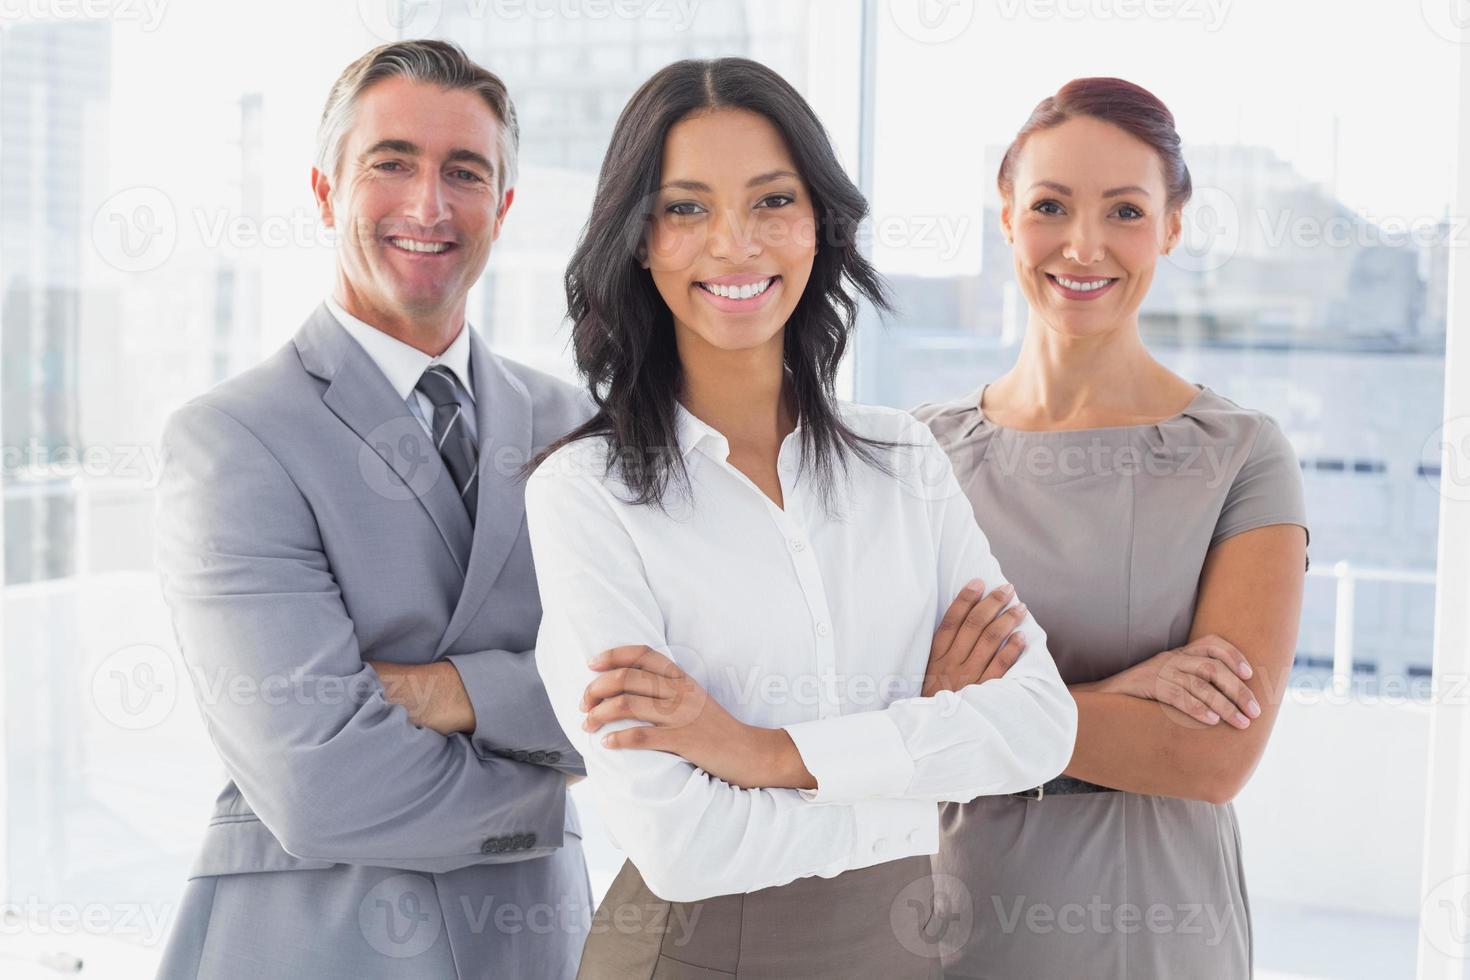 femme affaires, sourire, croisé, bras photo